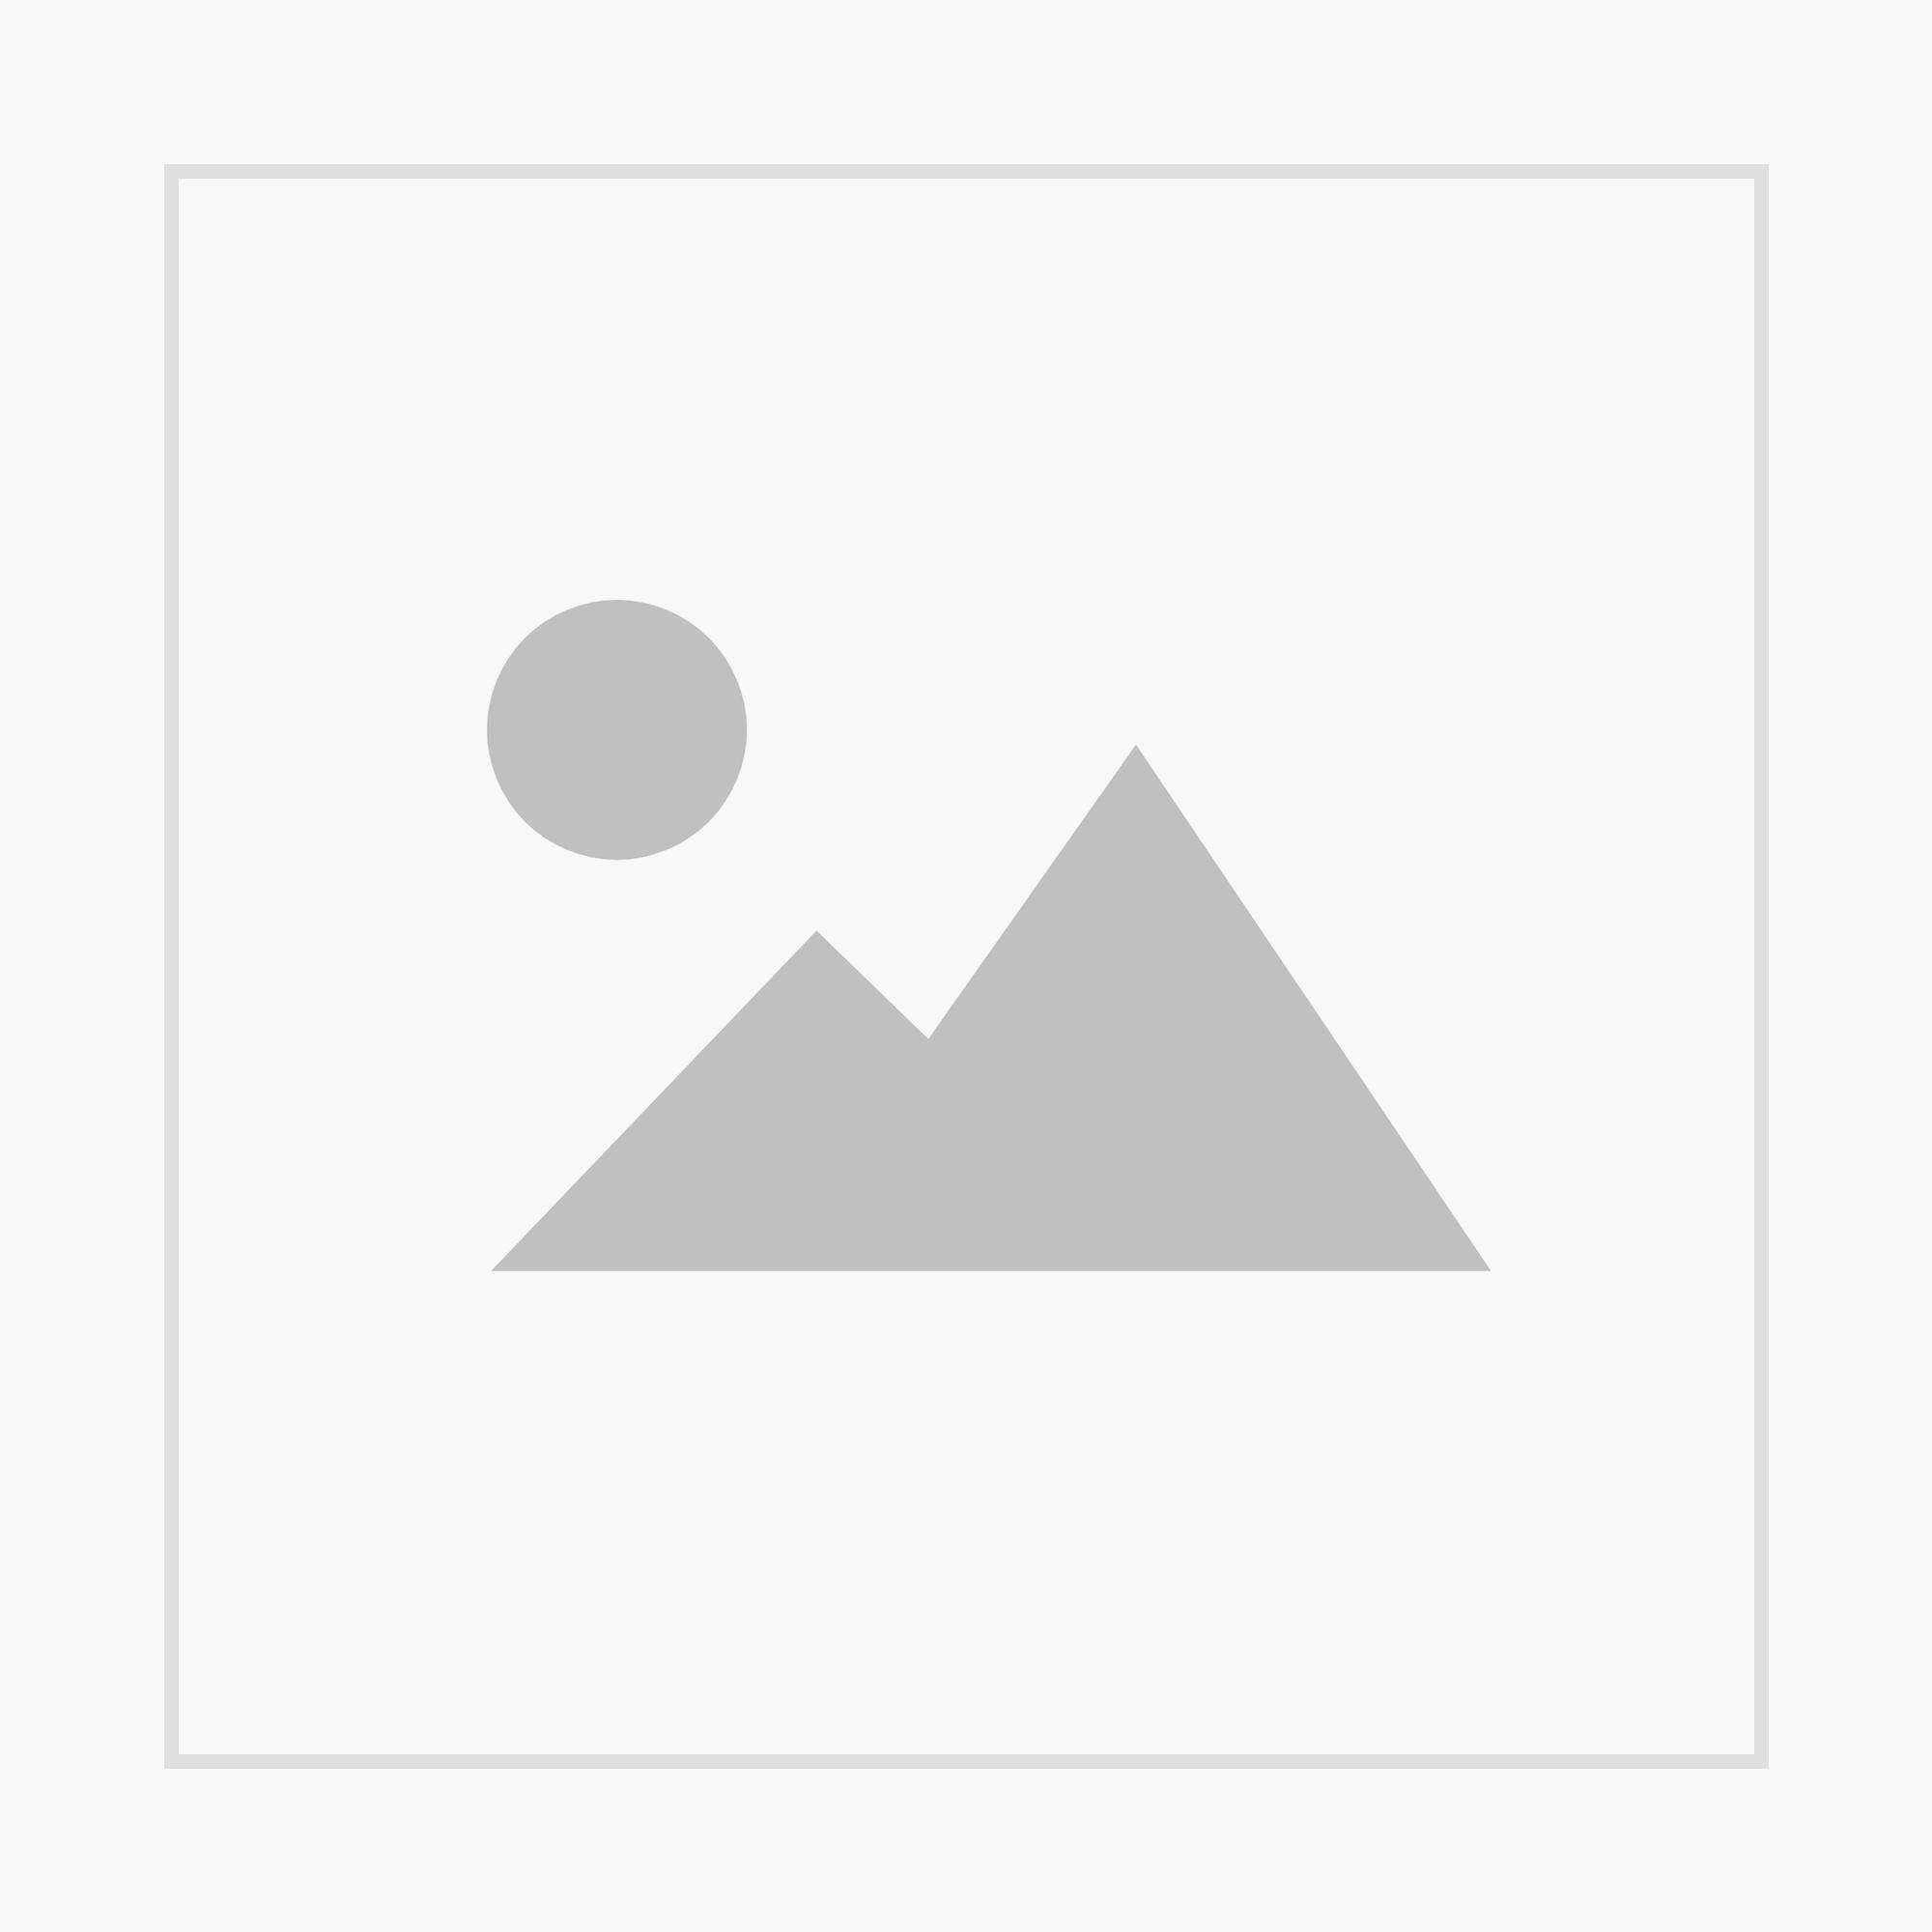 hygge 14 (05/2019)